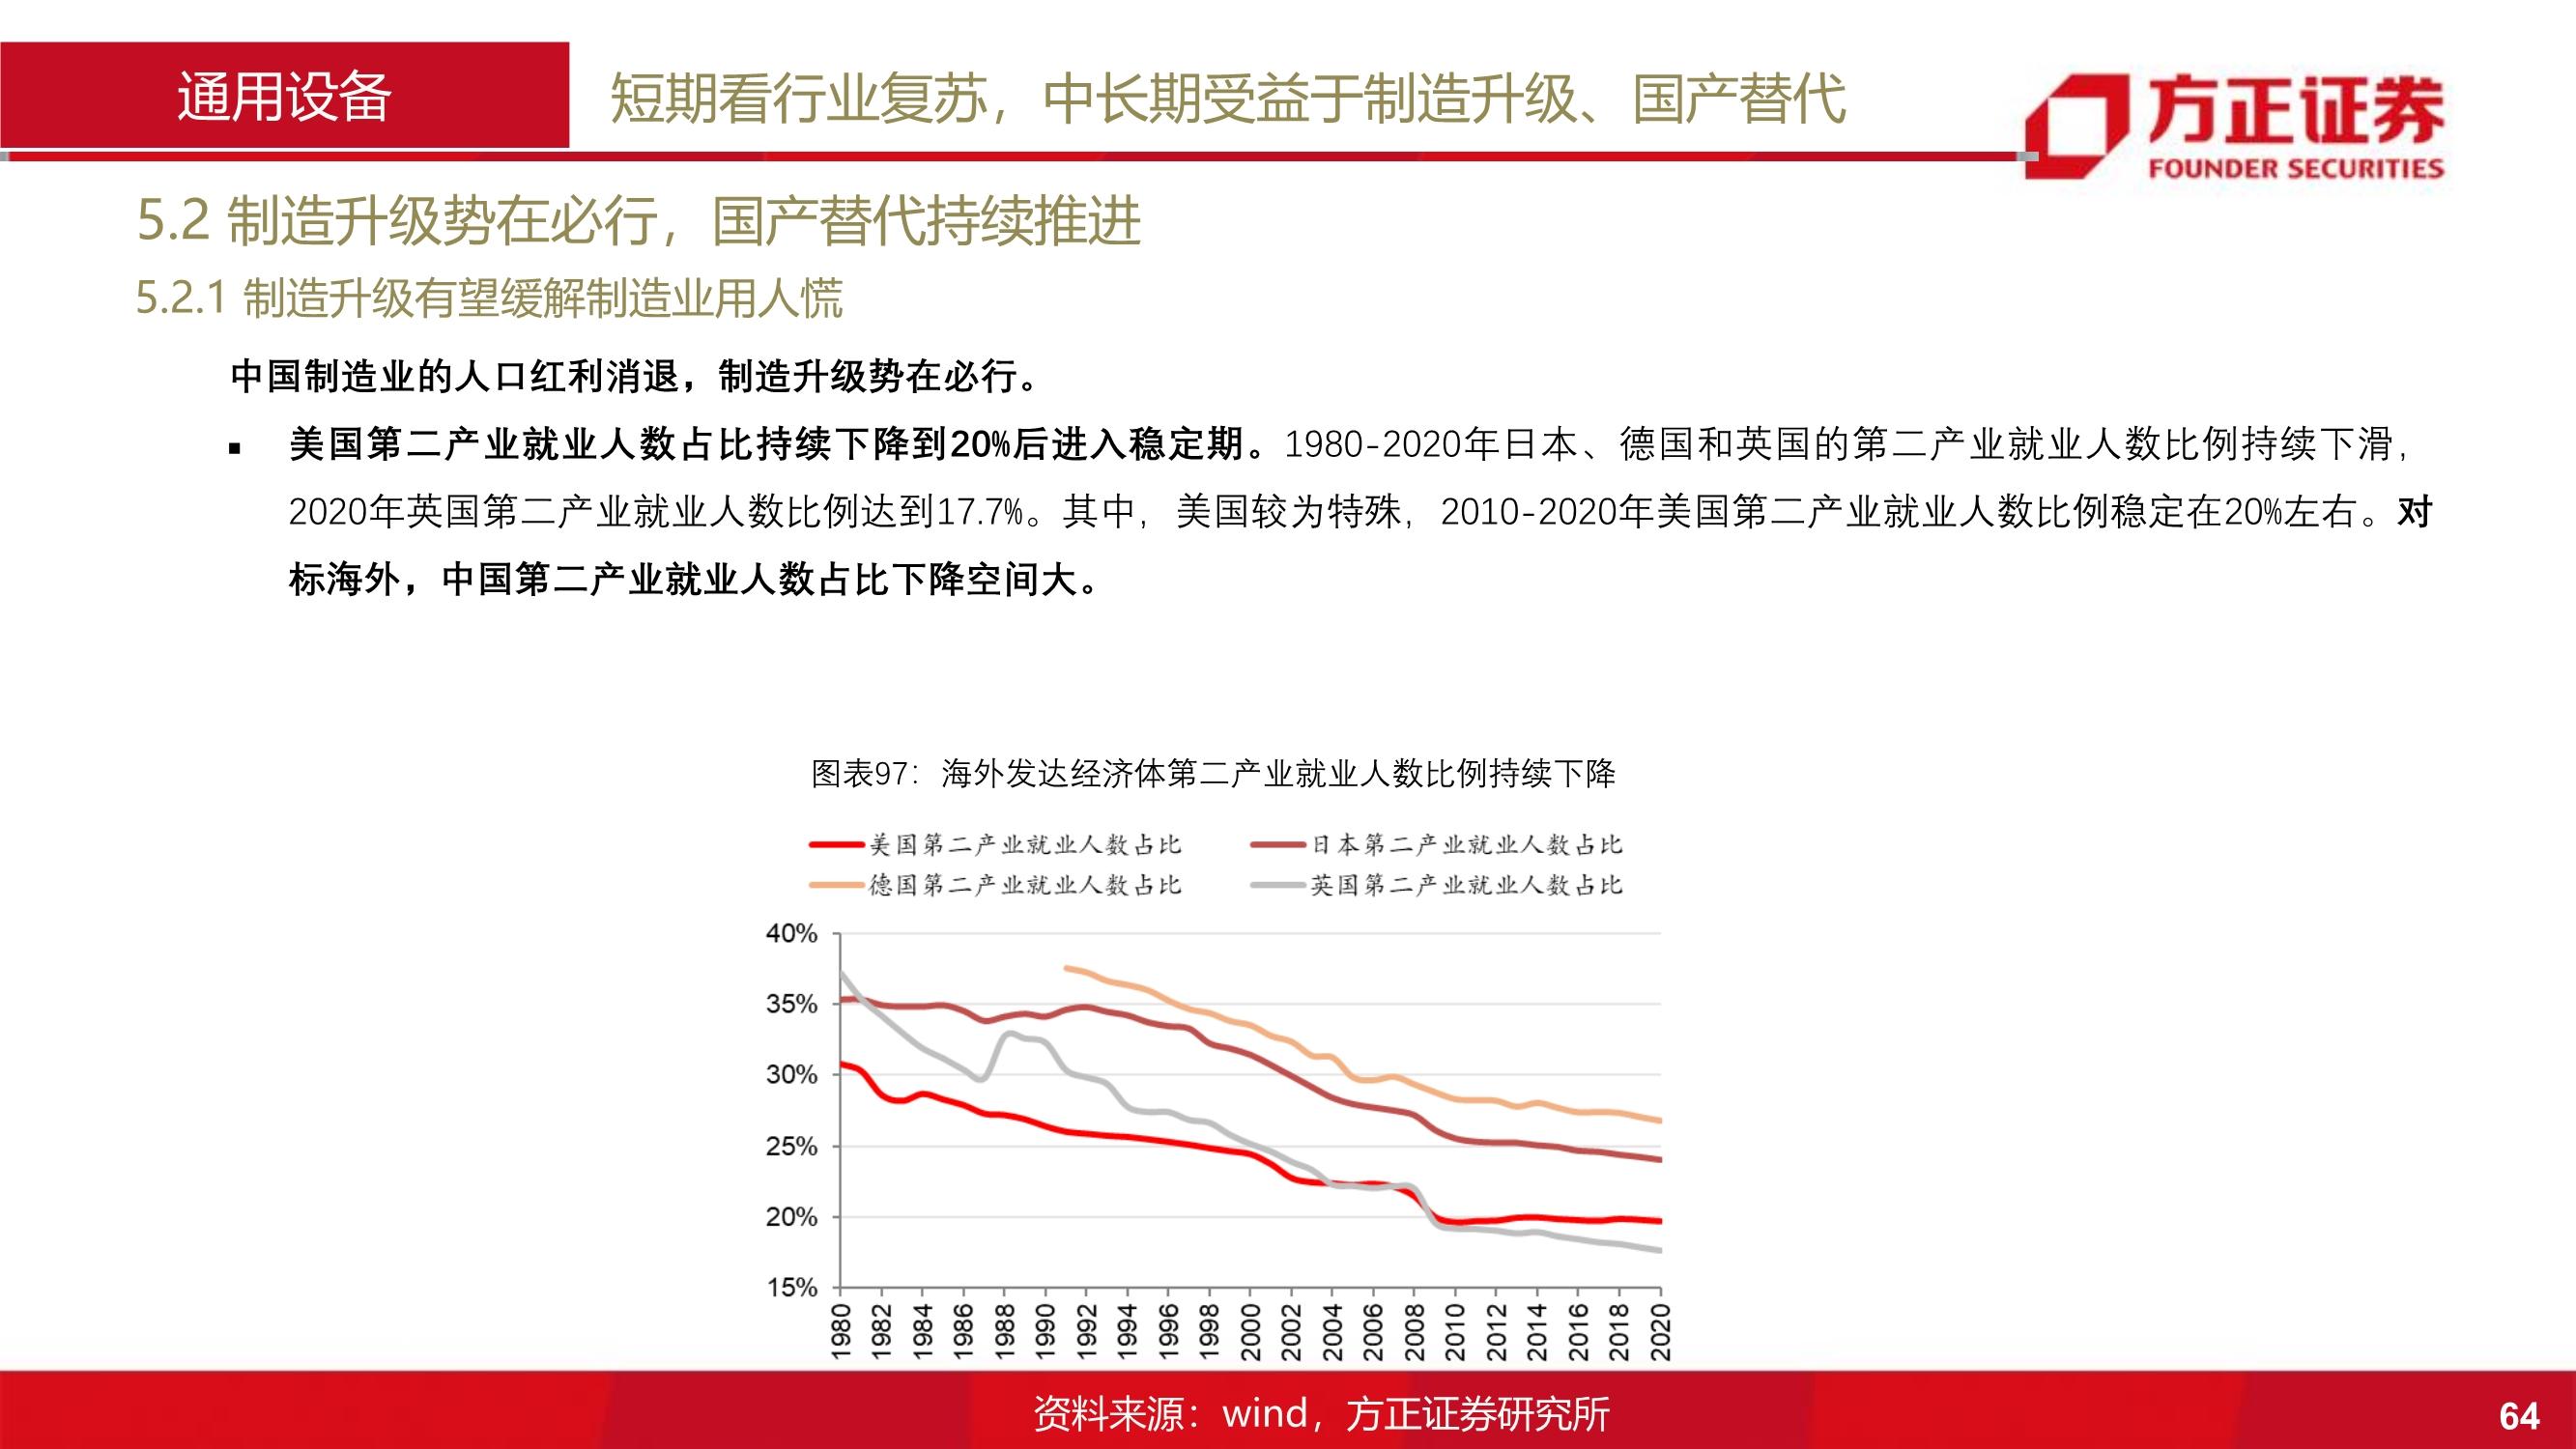 机械行业2021年度投资策略:行业复苏持续,精选优质龙头